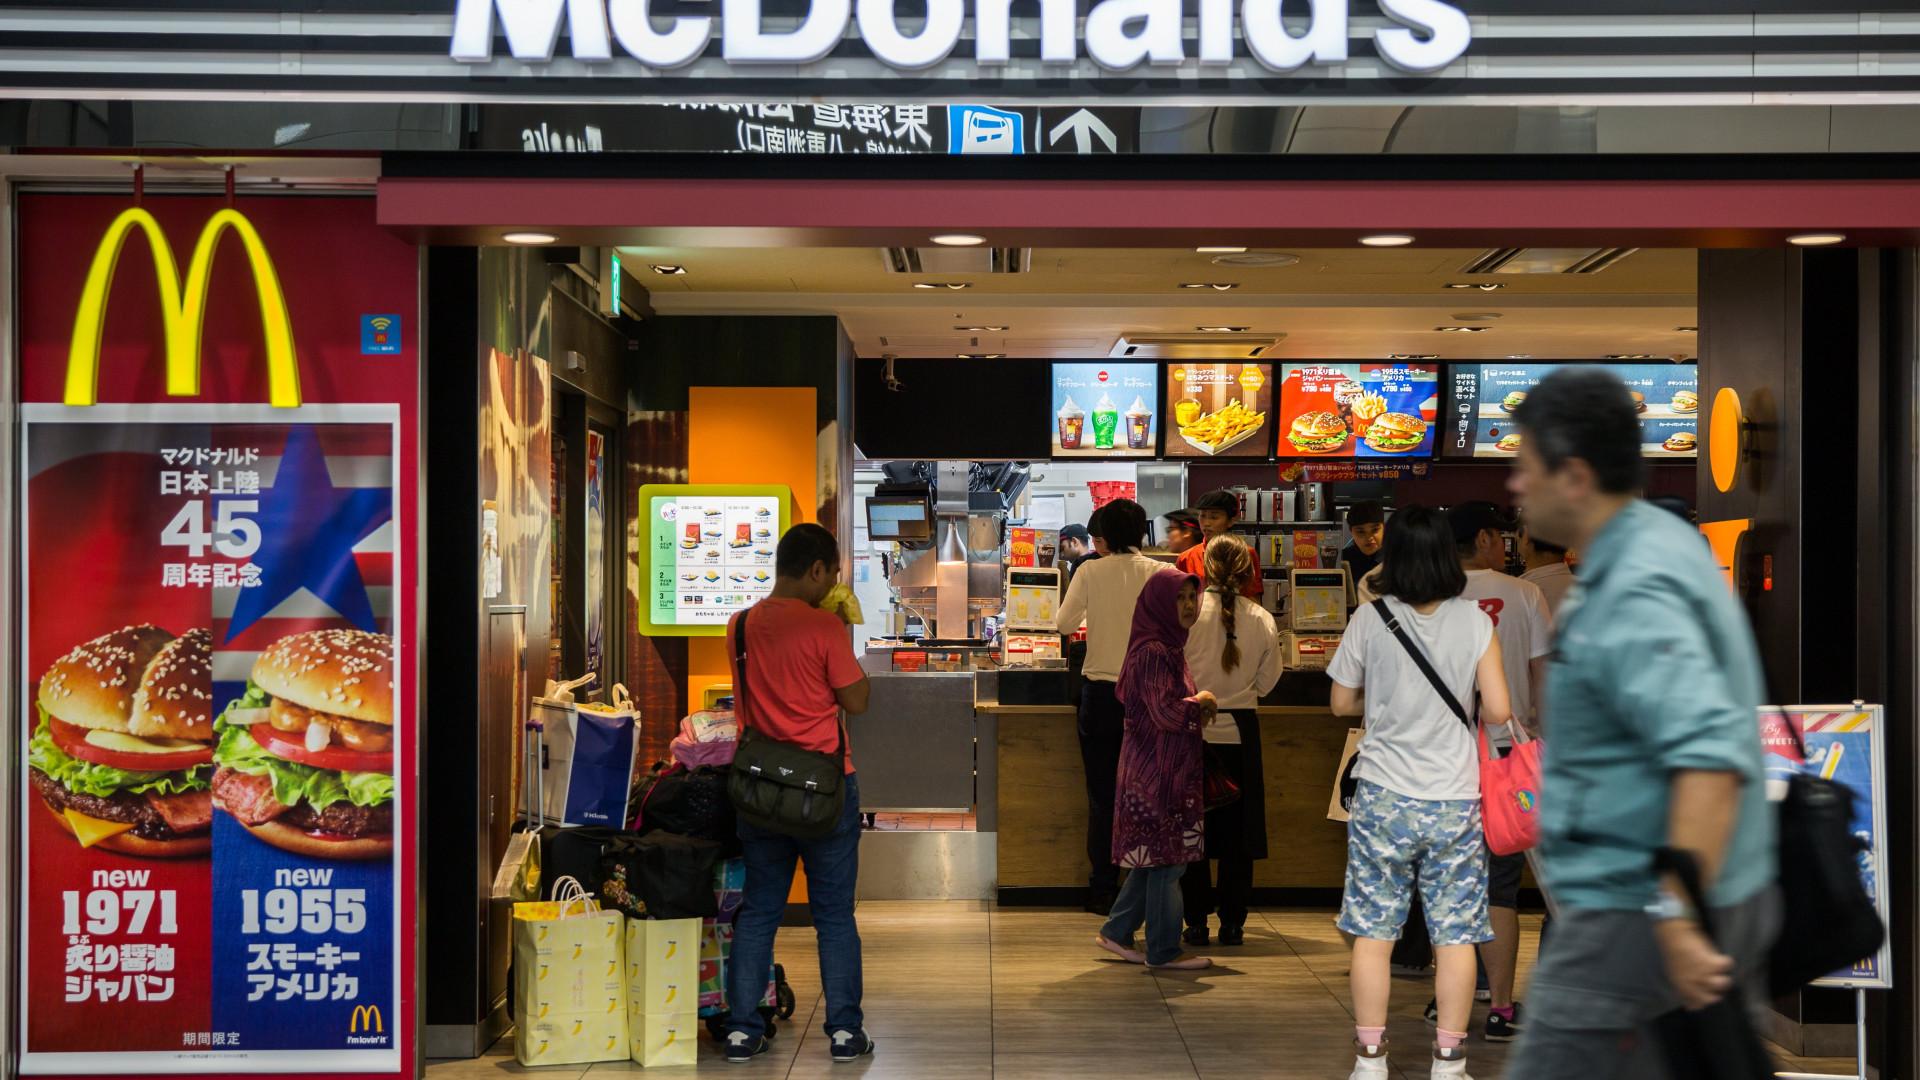 Trabalhadores do McDonald's fizeram greve nos EUA contra assédio sexual